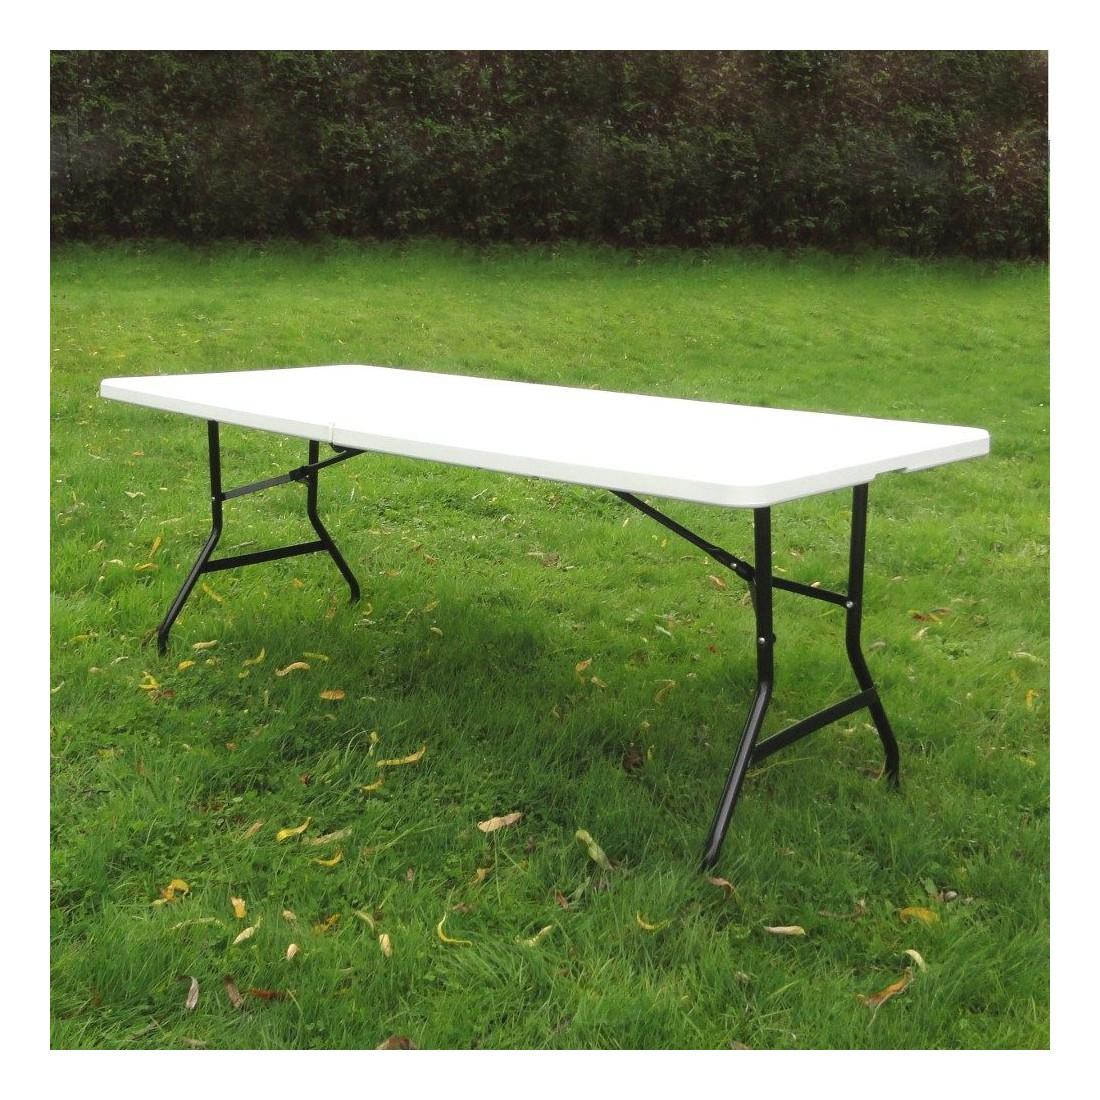 table pliante rectangulaire 183cm blanche pliante en valise en poly thyl ne. Black Bedroom Furniture Sets. Home Design Ideas